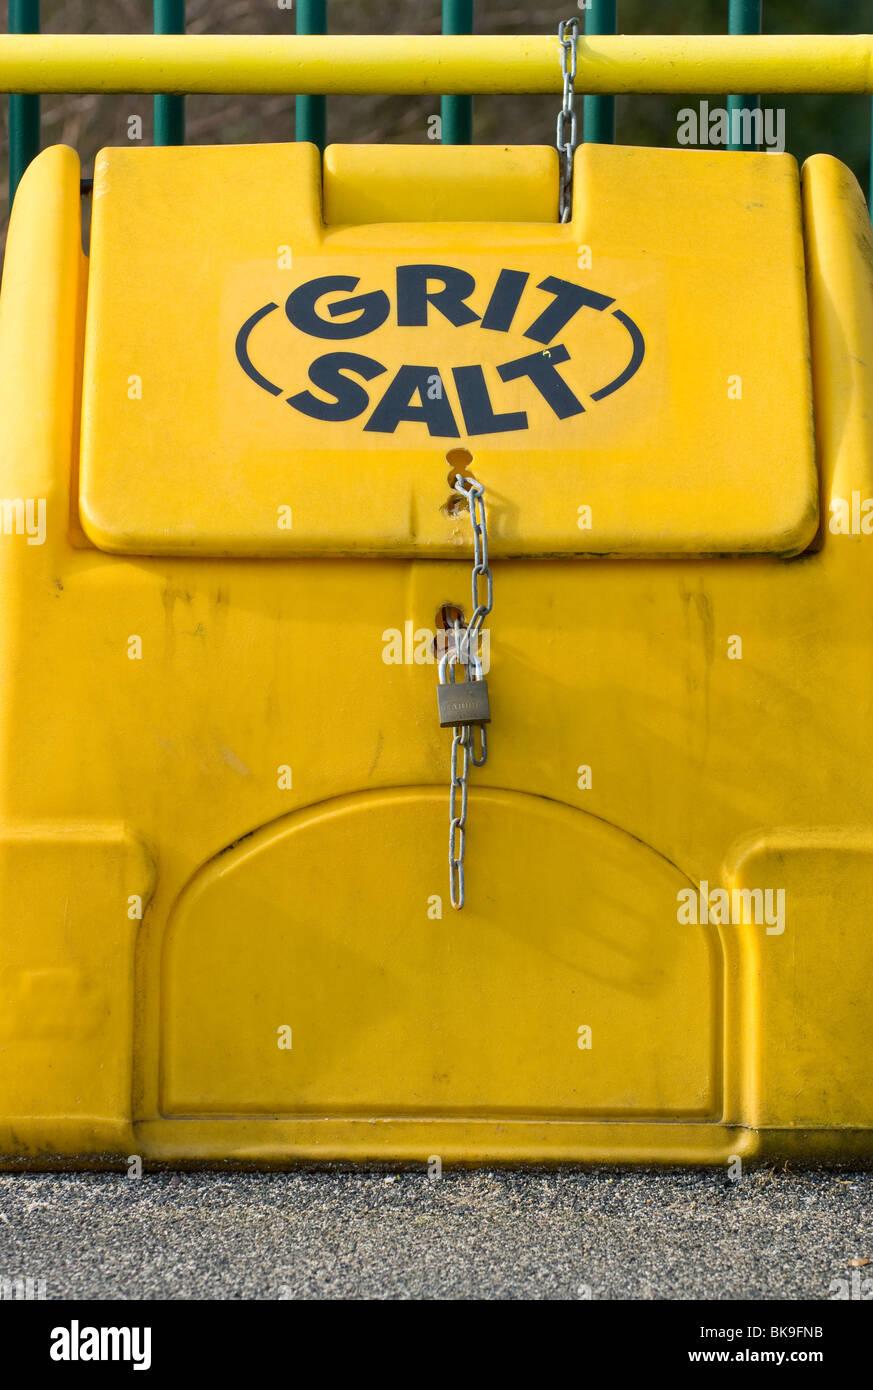 yellow grit bin imágenes de stock & yellow grit bin fotos de stock